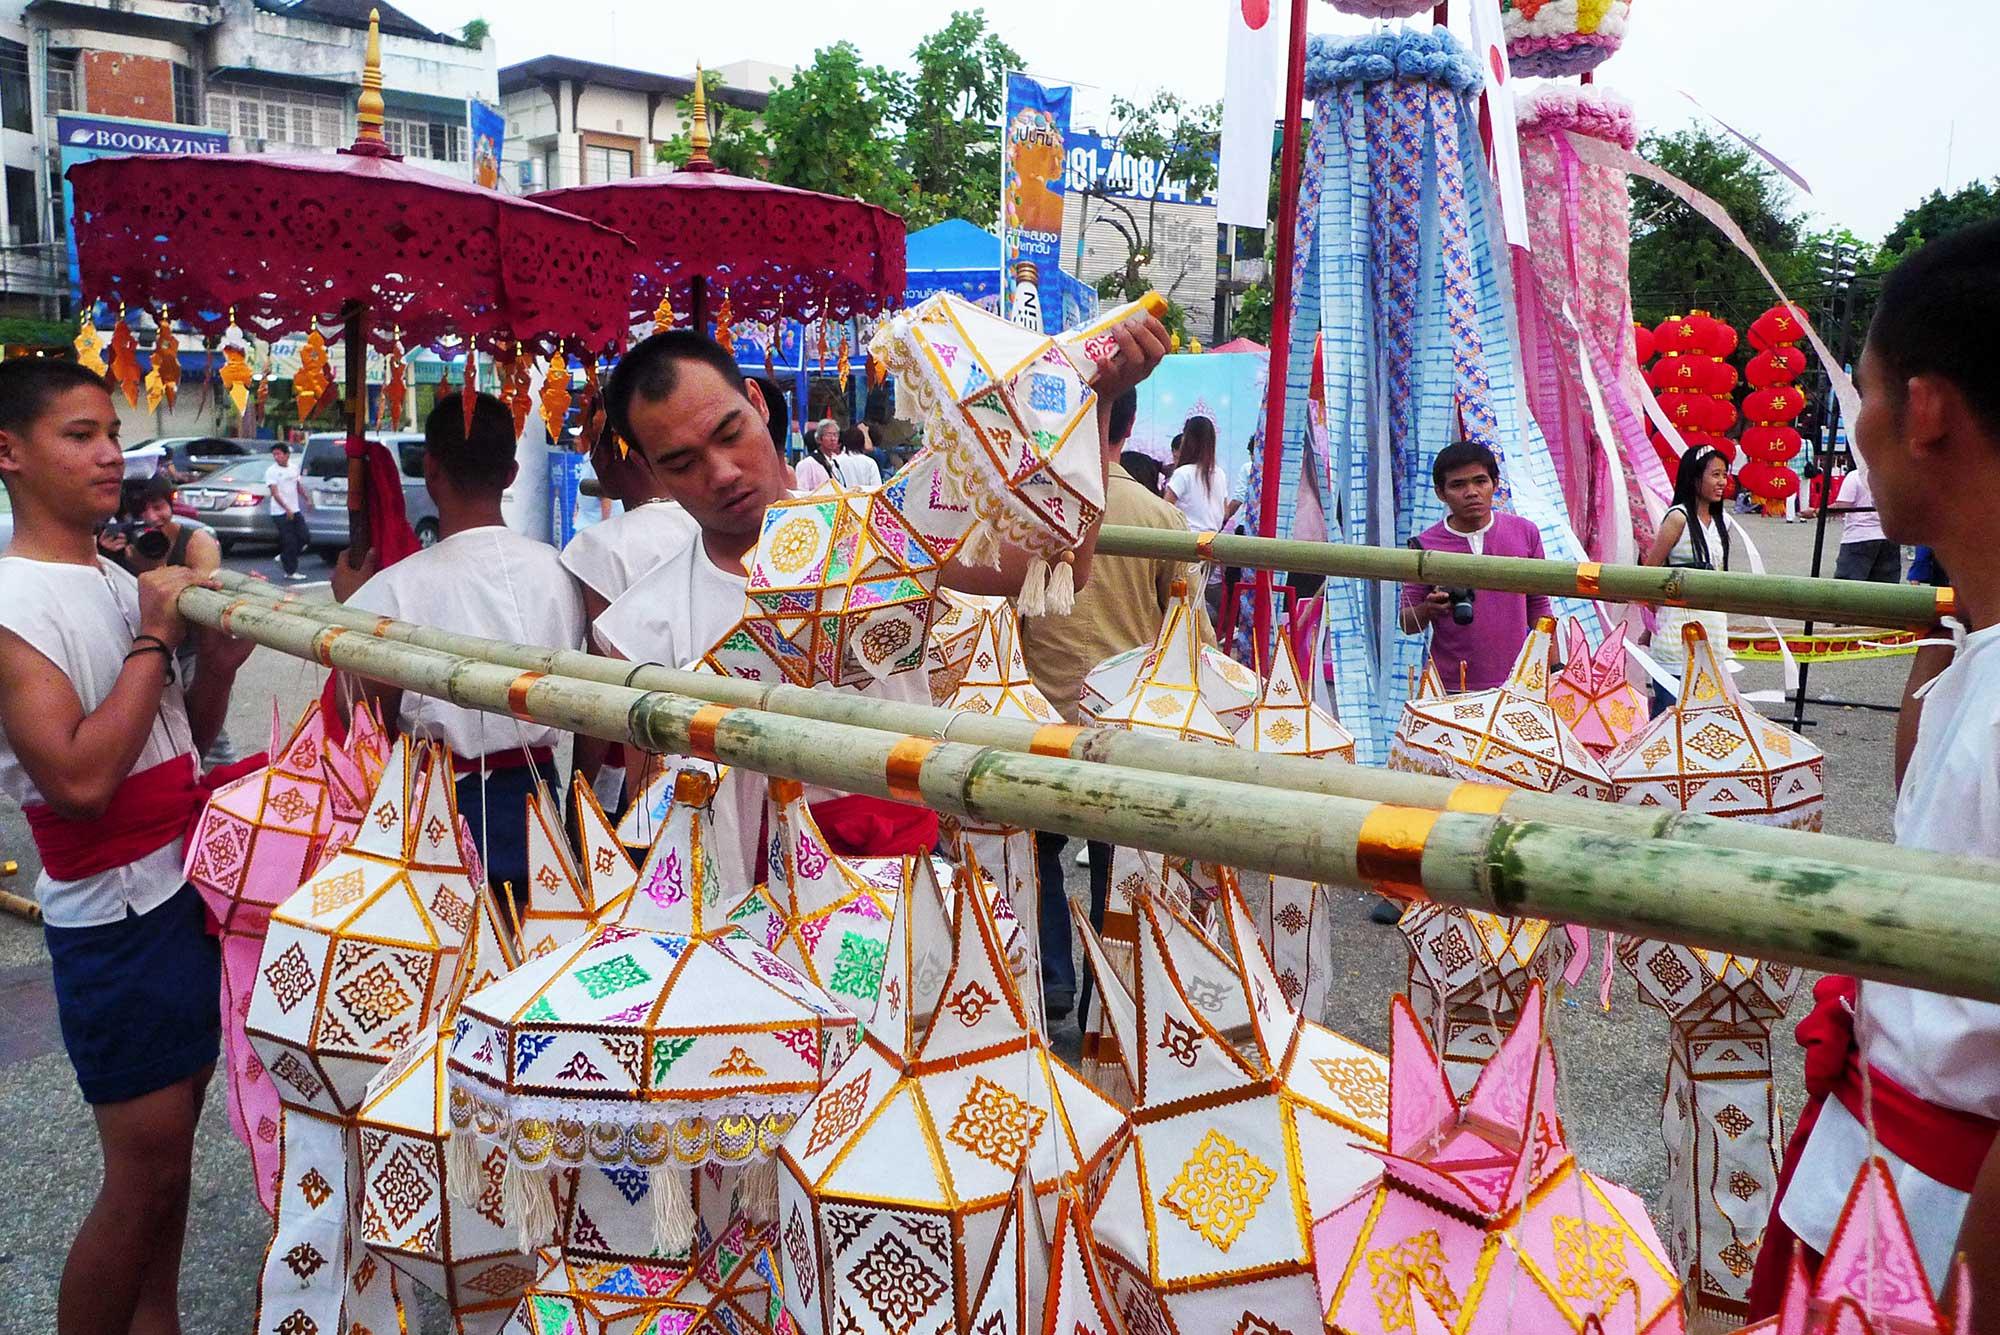 Loy Krathong lanterns